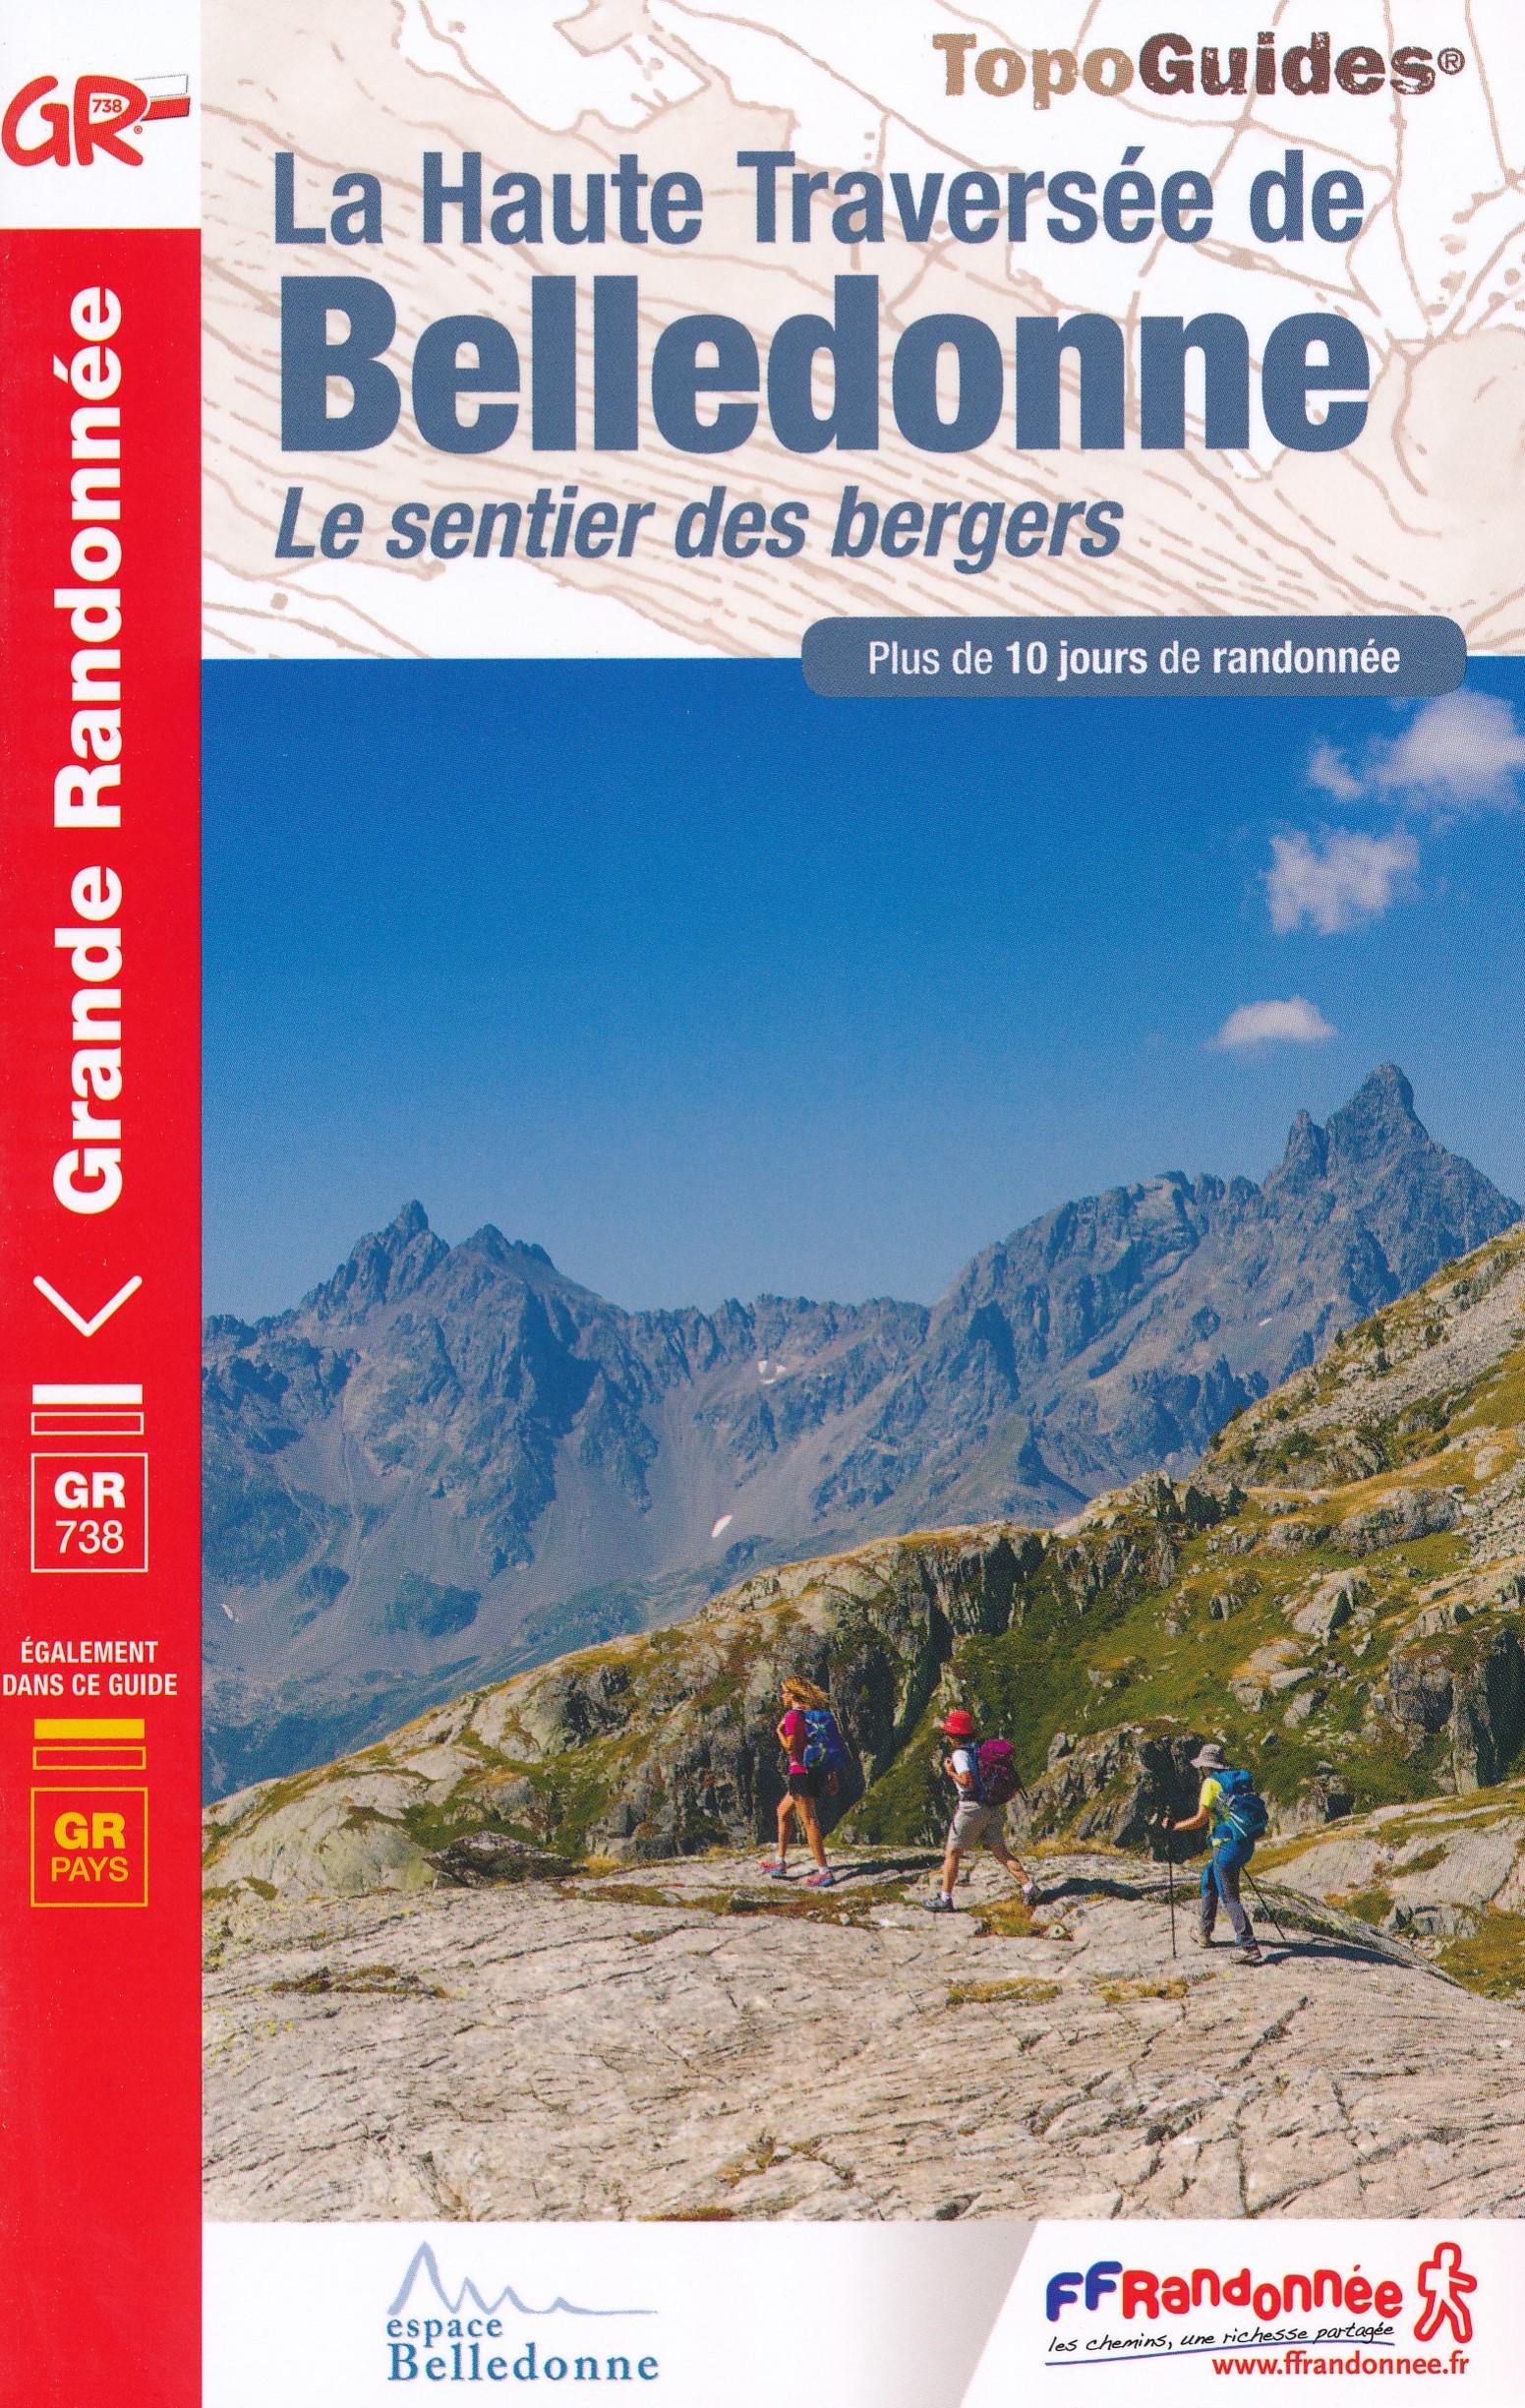 Wandelgids 738 La Haute Traversée de Belledonne - Le sentier des bergers | FFRP